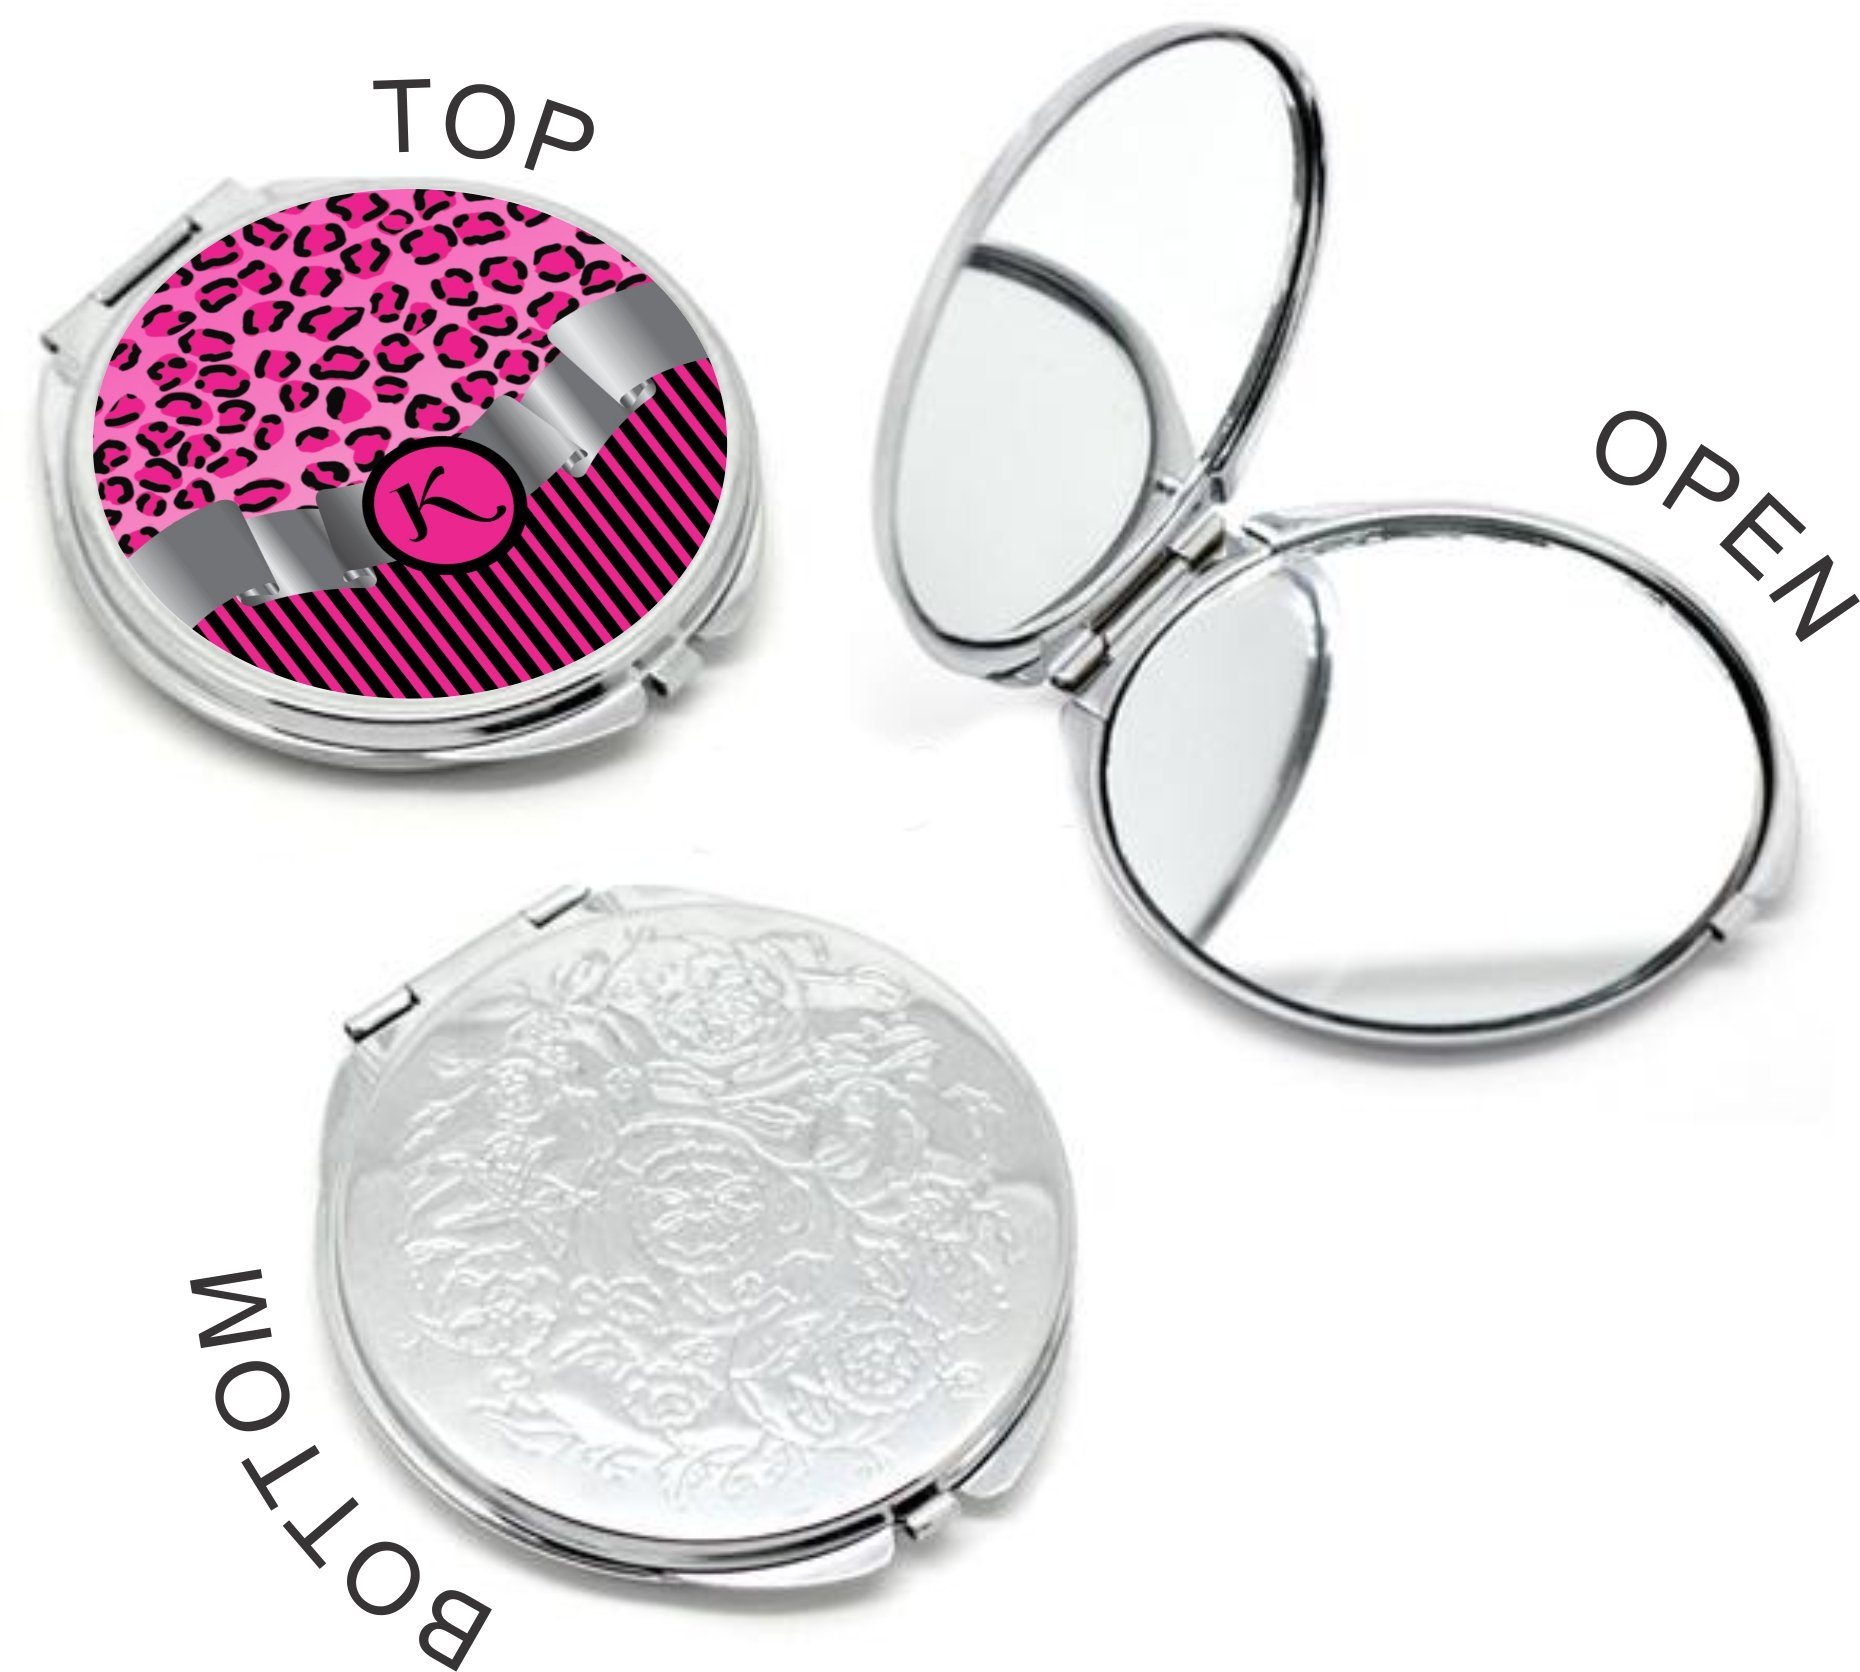 Rikki Knight Letter''K'' Hot Pink Leopard Print Stripes Monogram Design Round Compact Mirror